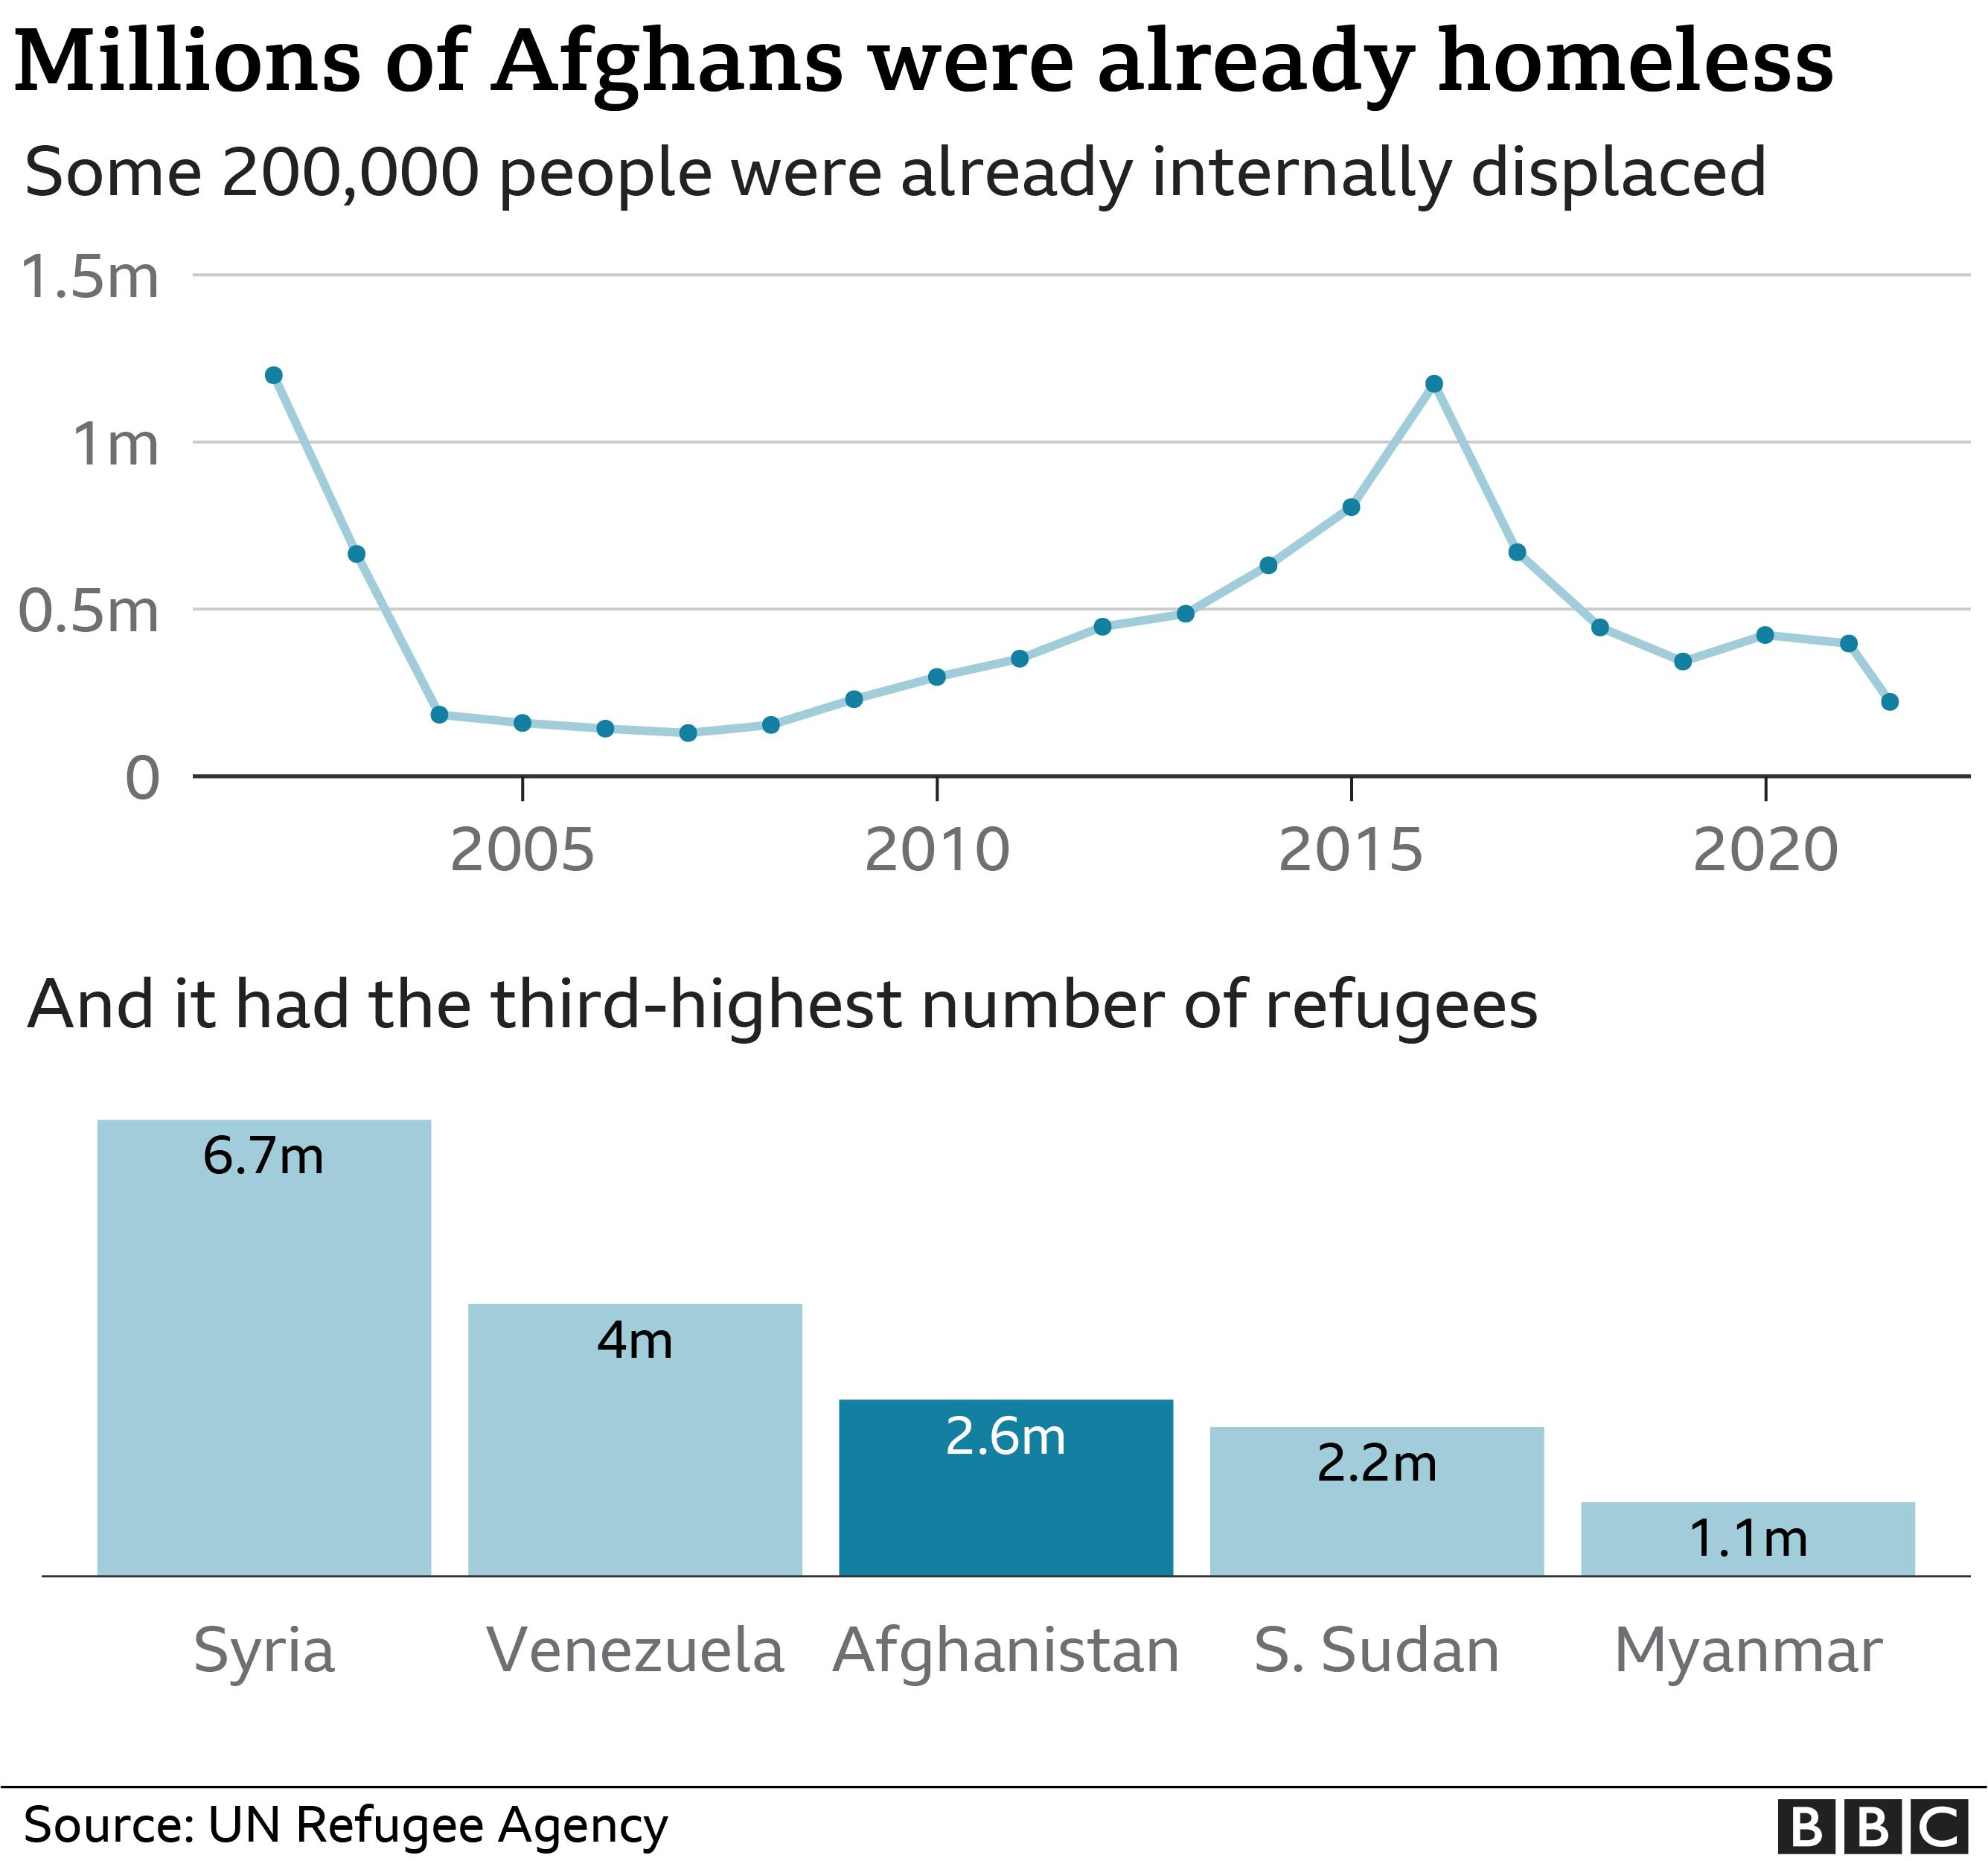 Διάγραμμα που δείχνει τον αριθμό των Αφγανών προσφύγων εκτός του Αφγανιστάν και των νεοεγκατεστημένων